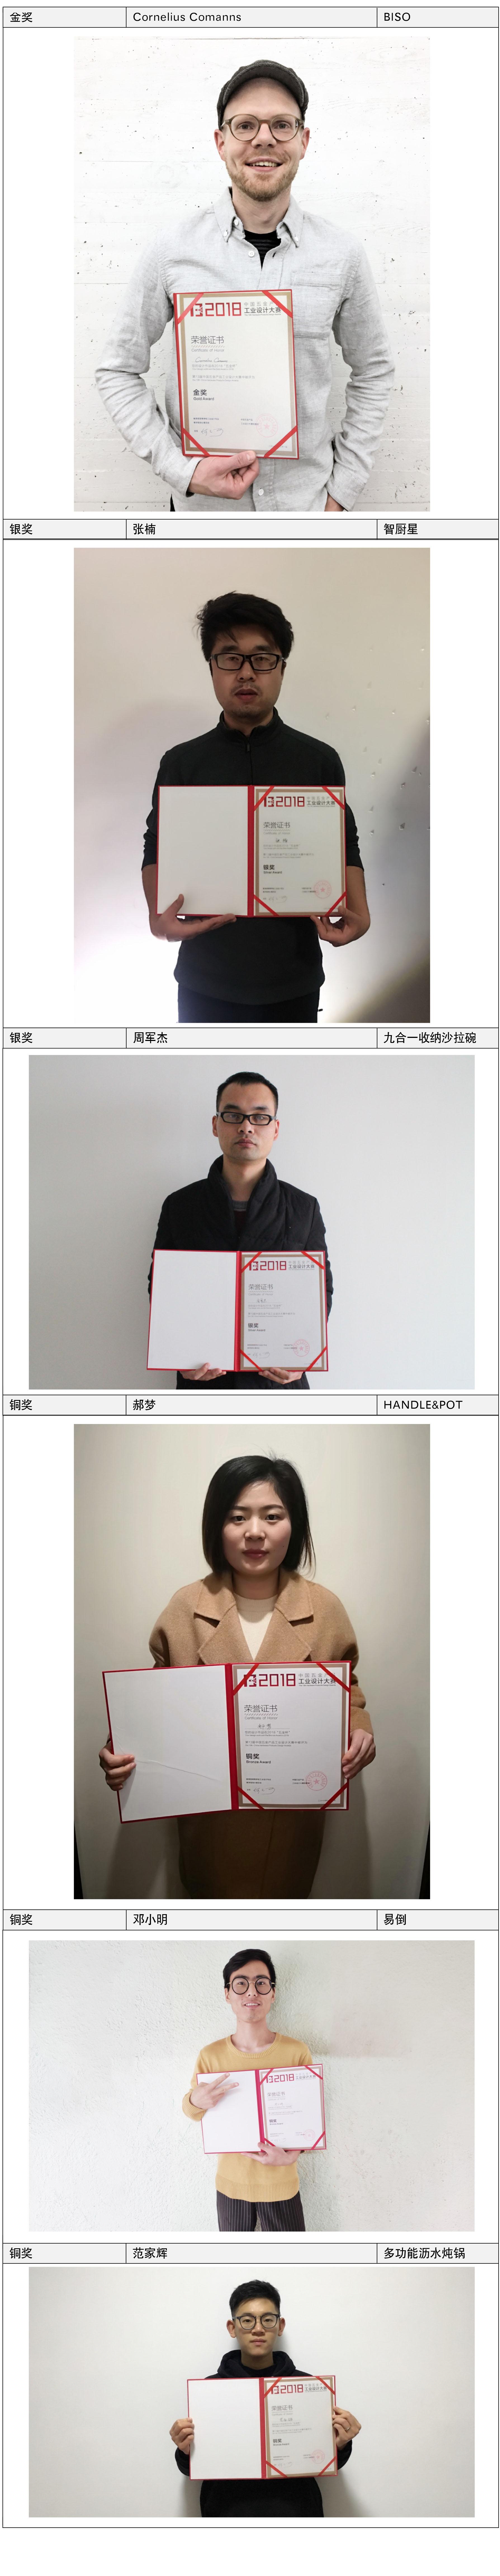 Microsoft Word - 2018第13届中国五金产品工业设计大